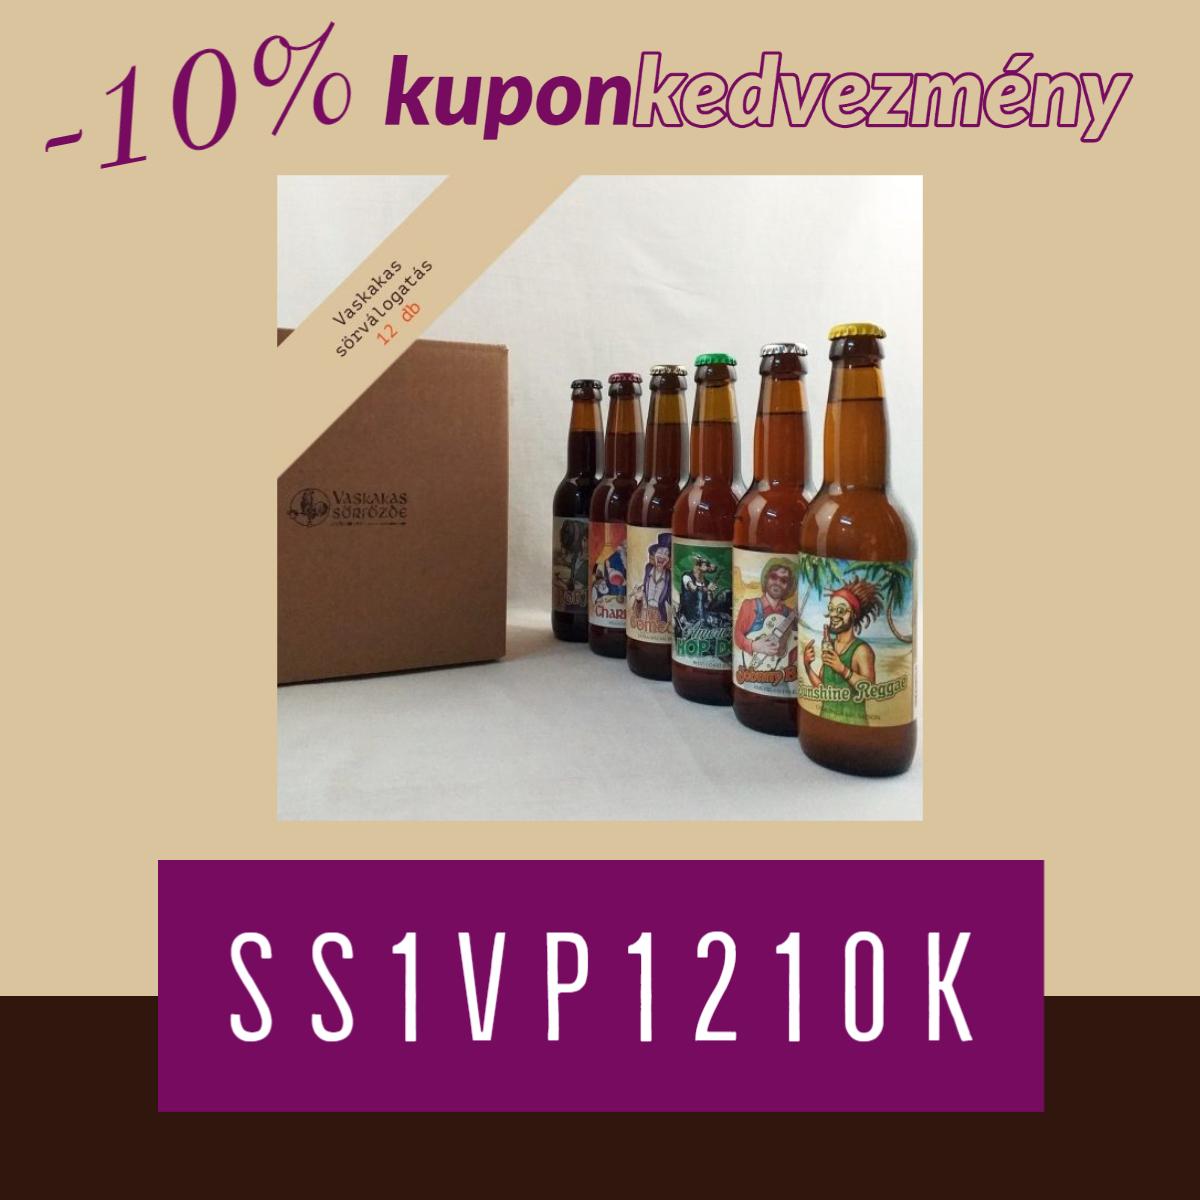 Vaskakas 12pack_kupon